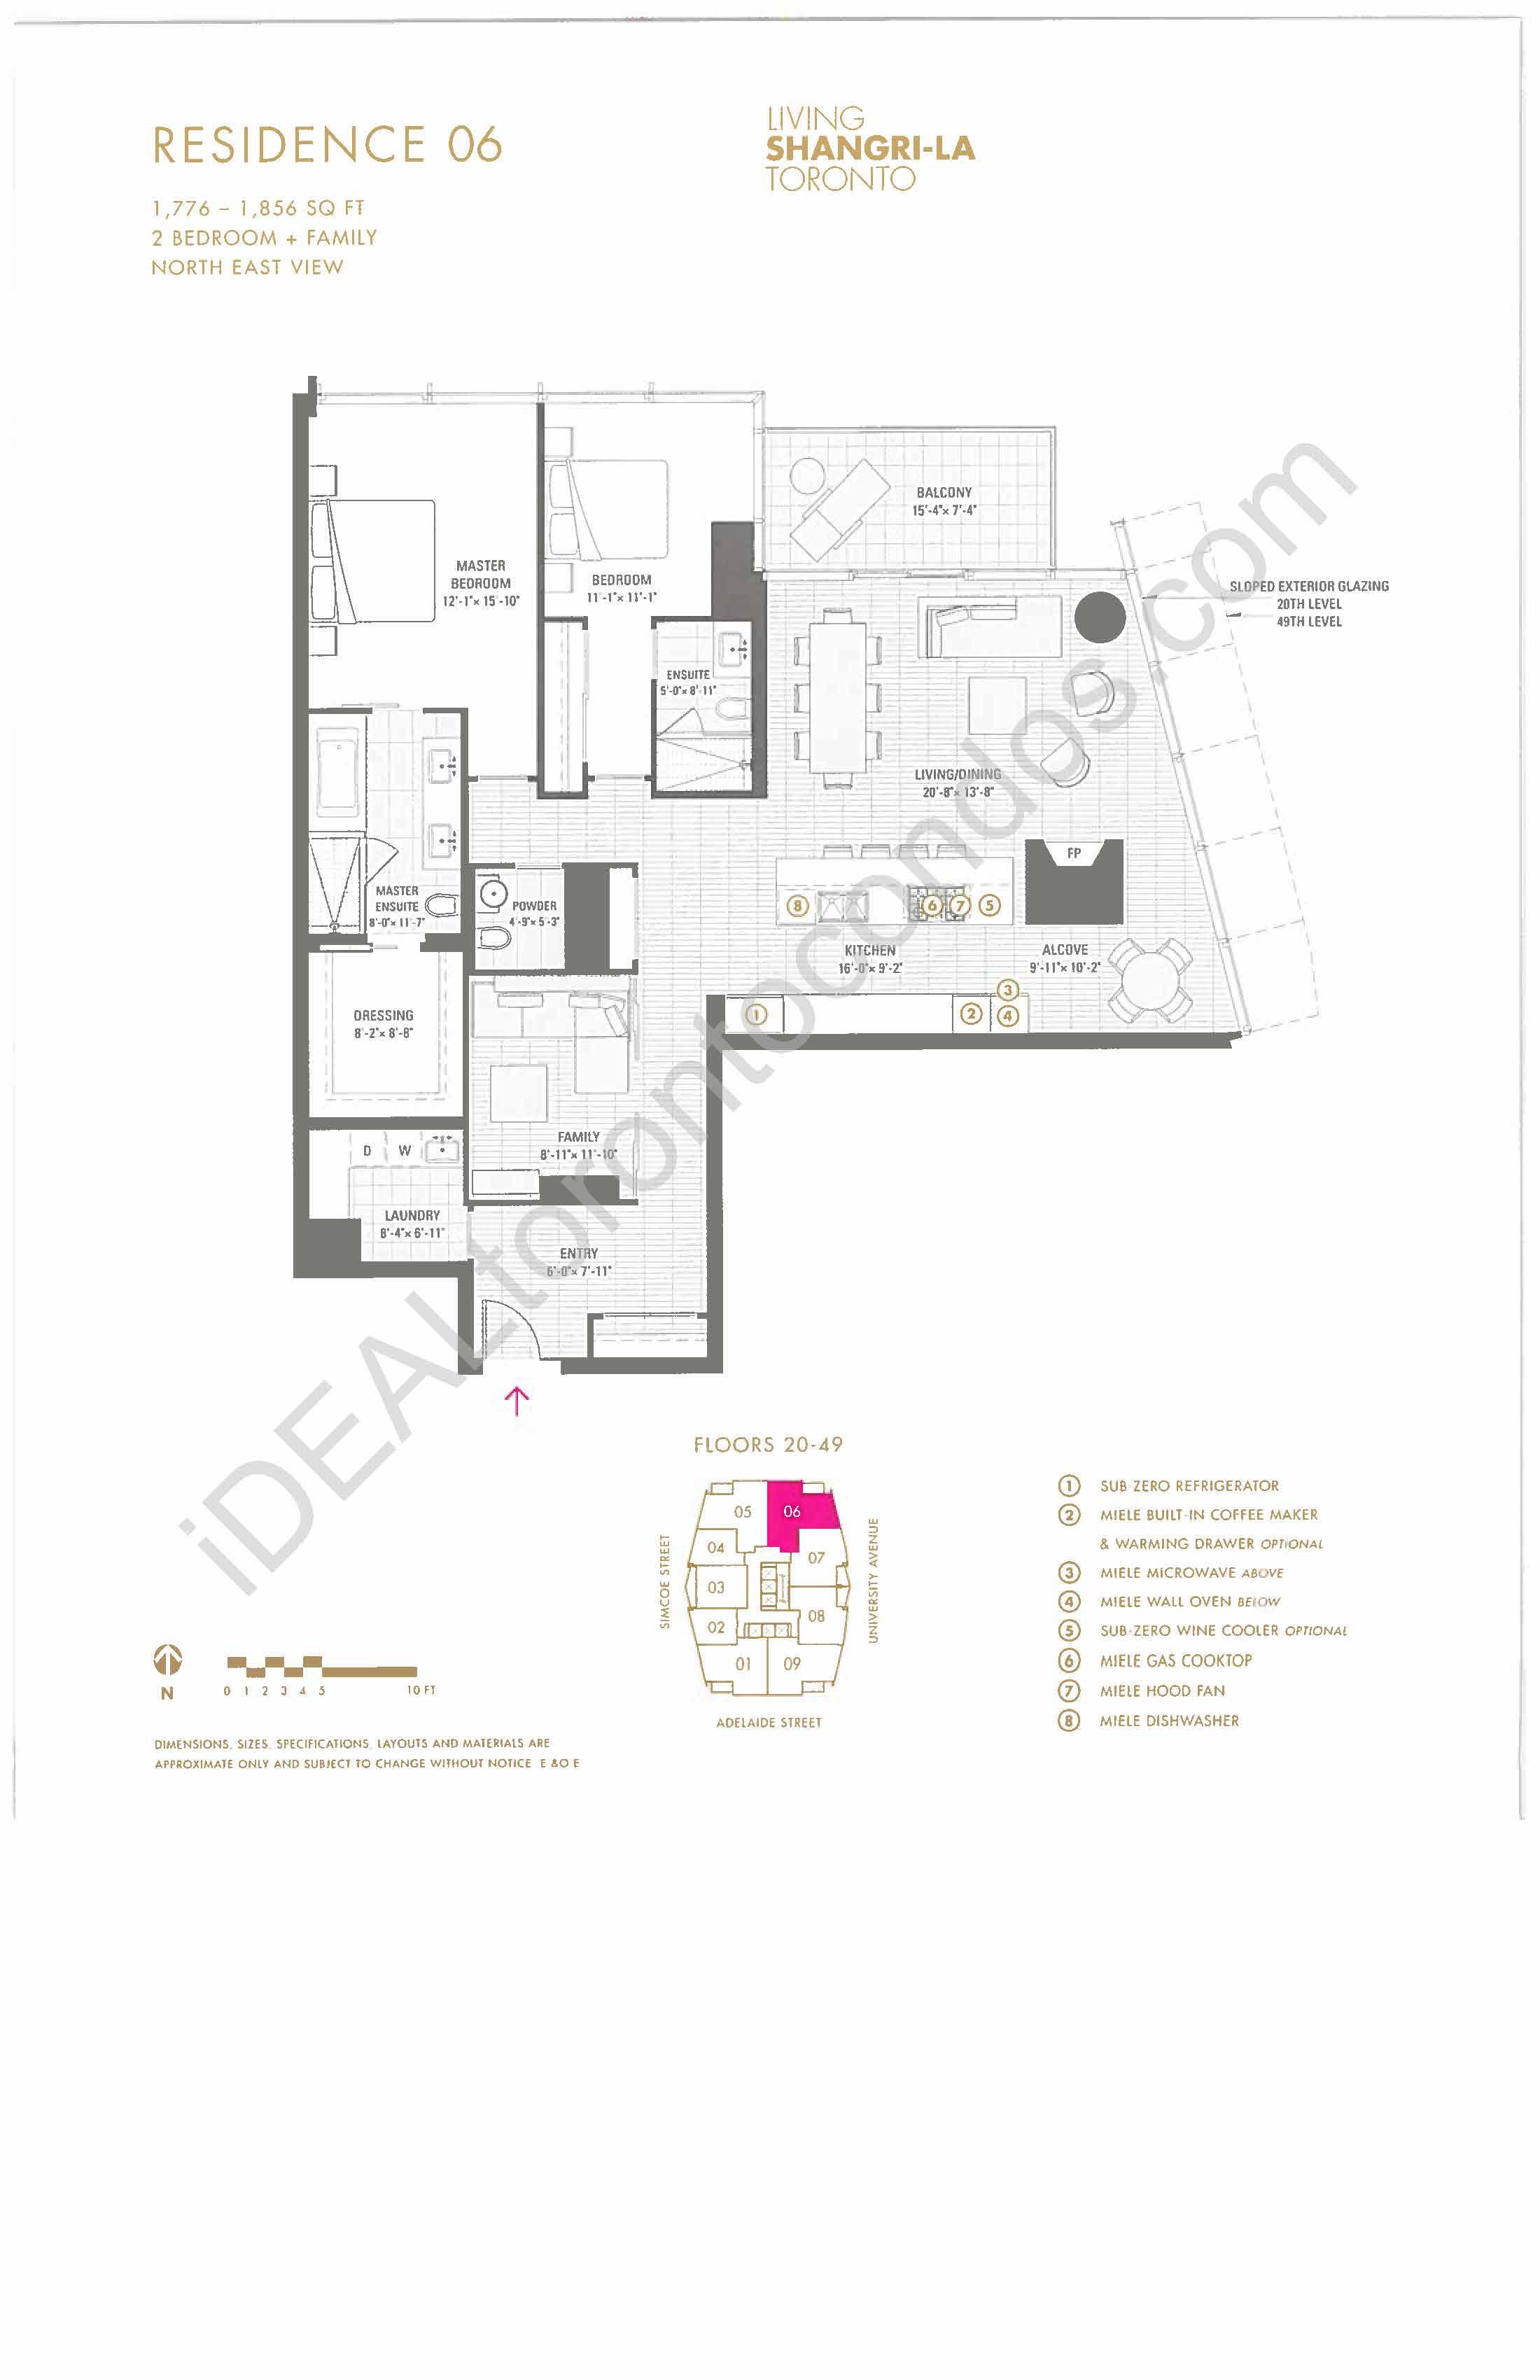 Residence 06 - 2 Bedroom + Family